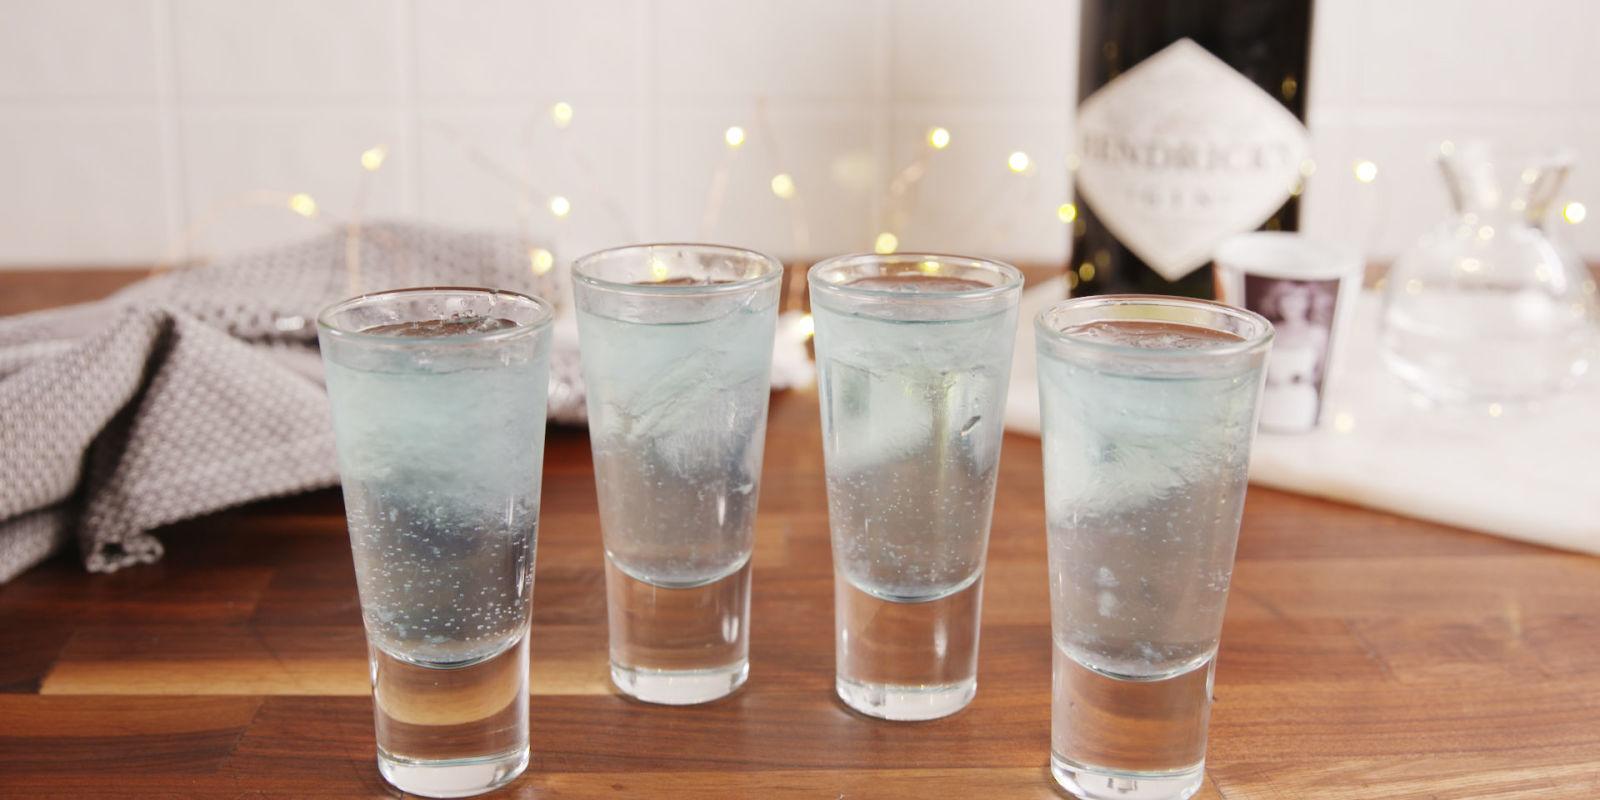 Best Gin & Tonic Shot Recipe - How to Make Gin & Tonic Shots